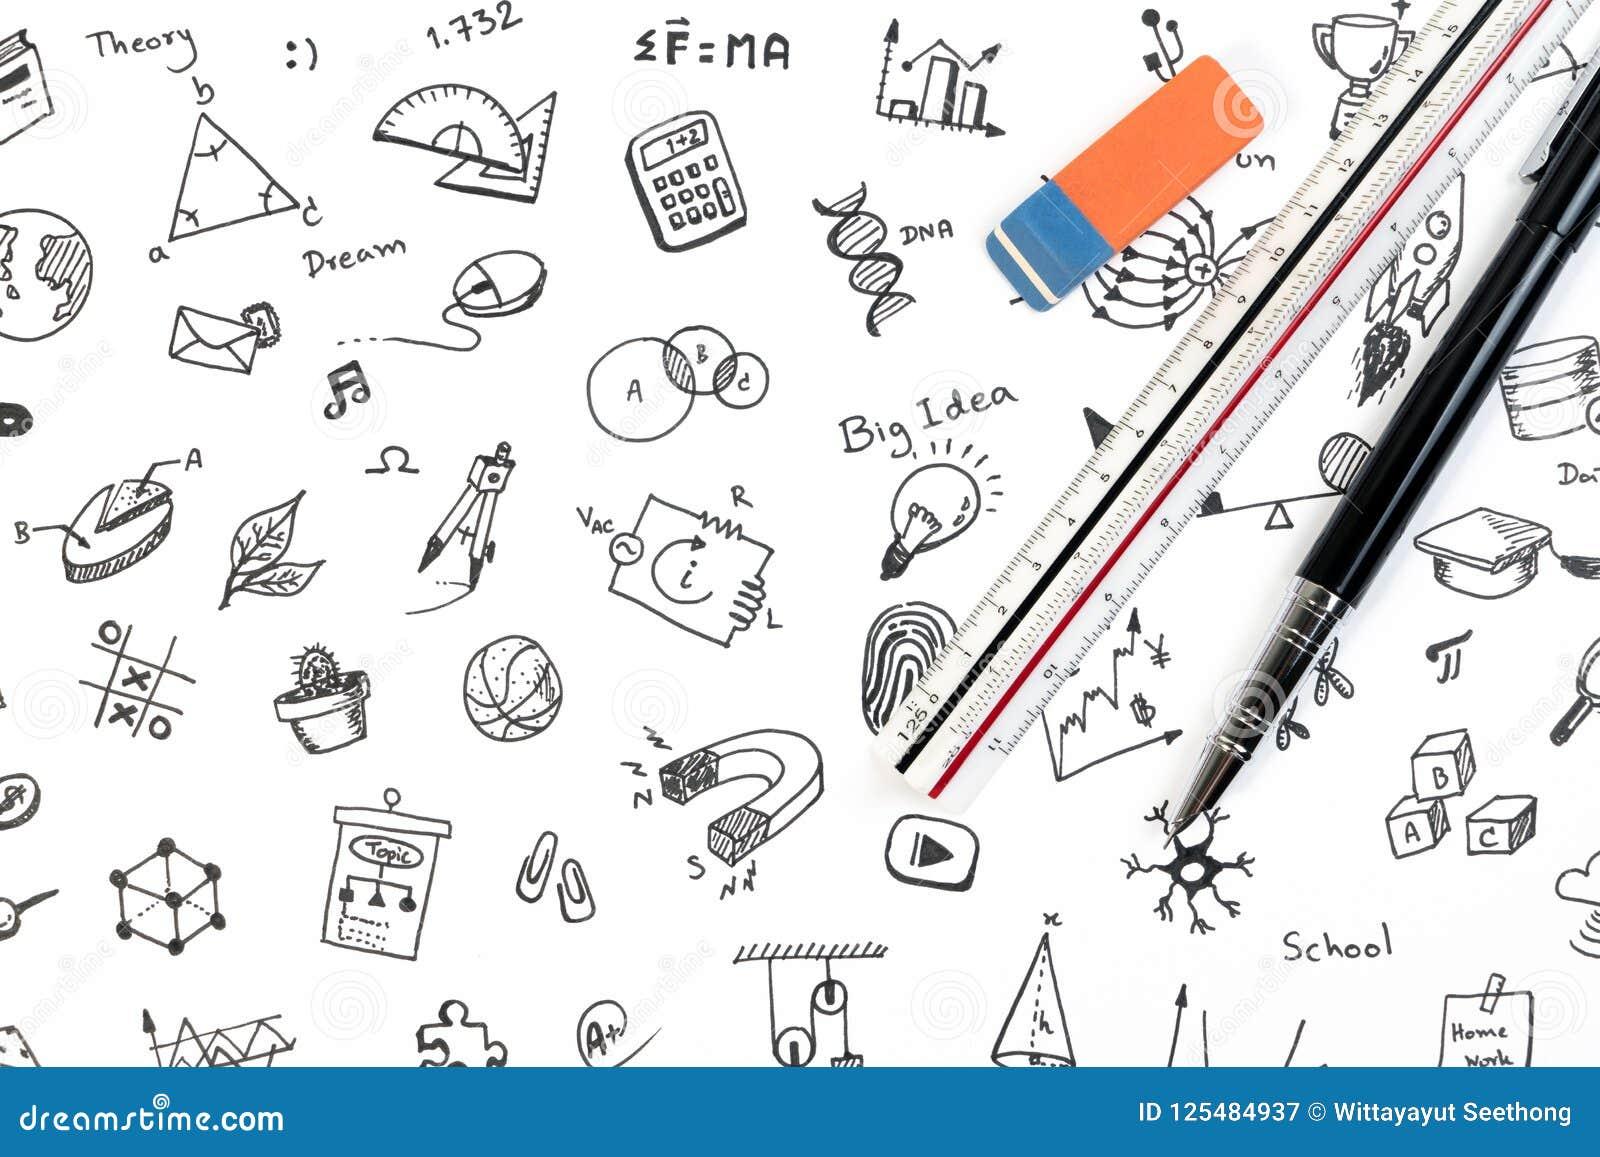 Begrepp för STAMutbildningsbakgrund STAM - vetenskaps-, teknologi-, teknik- och matematikbakgrund med pennan, linjalen och klotte